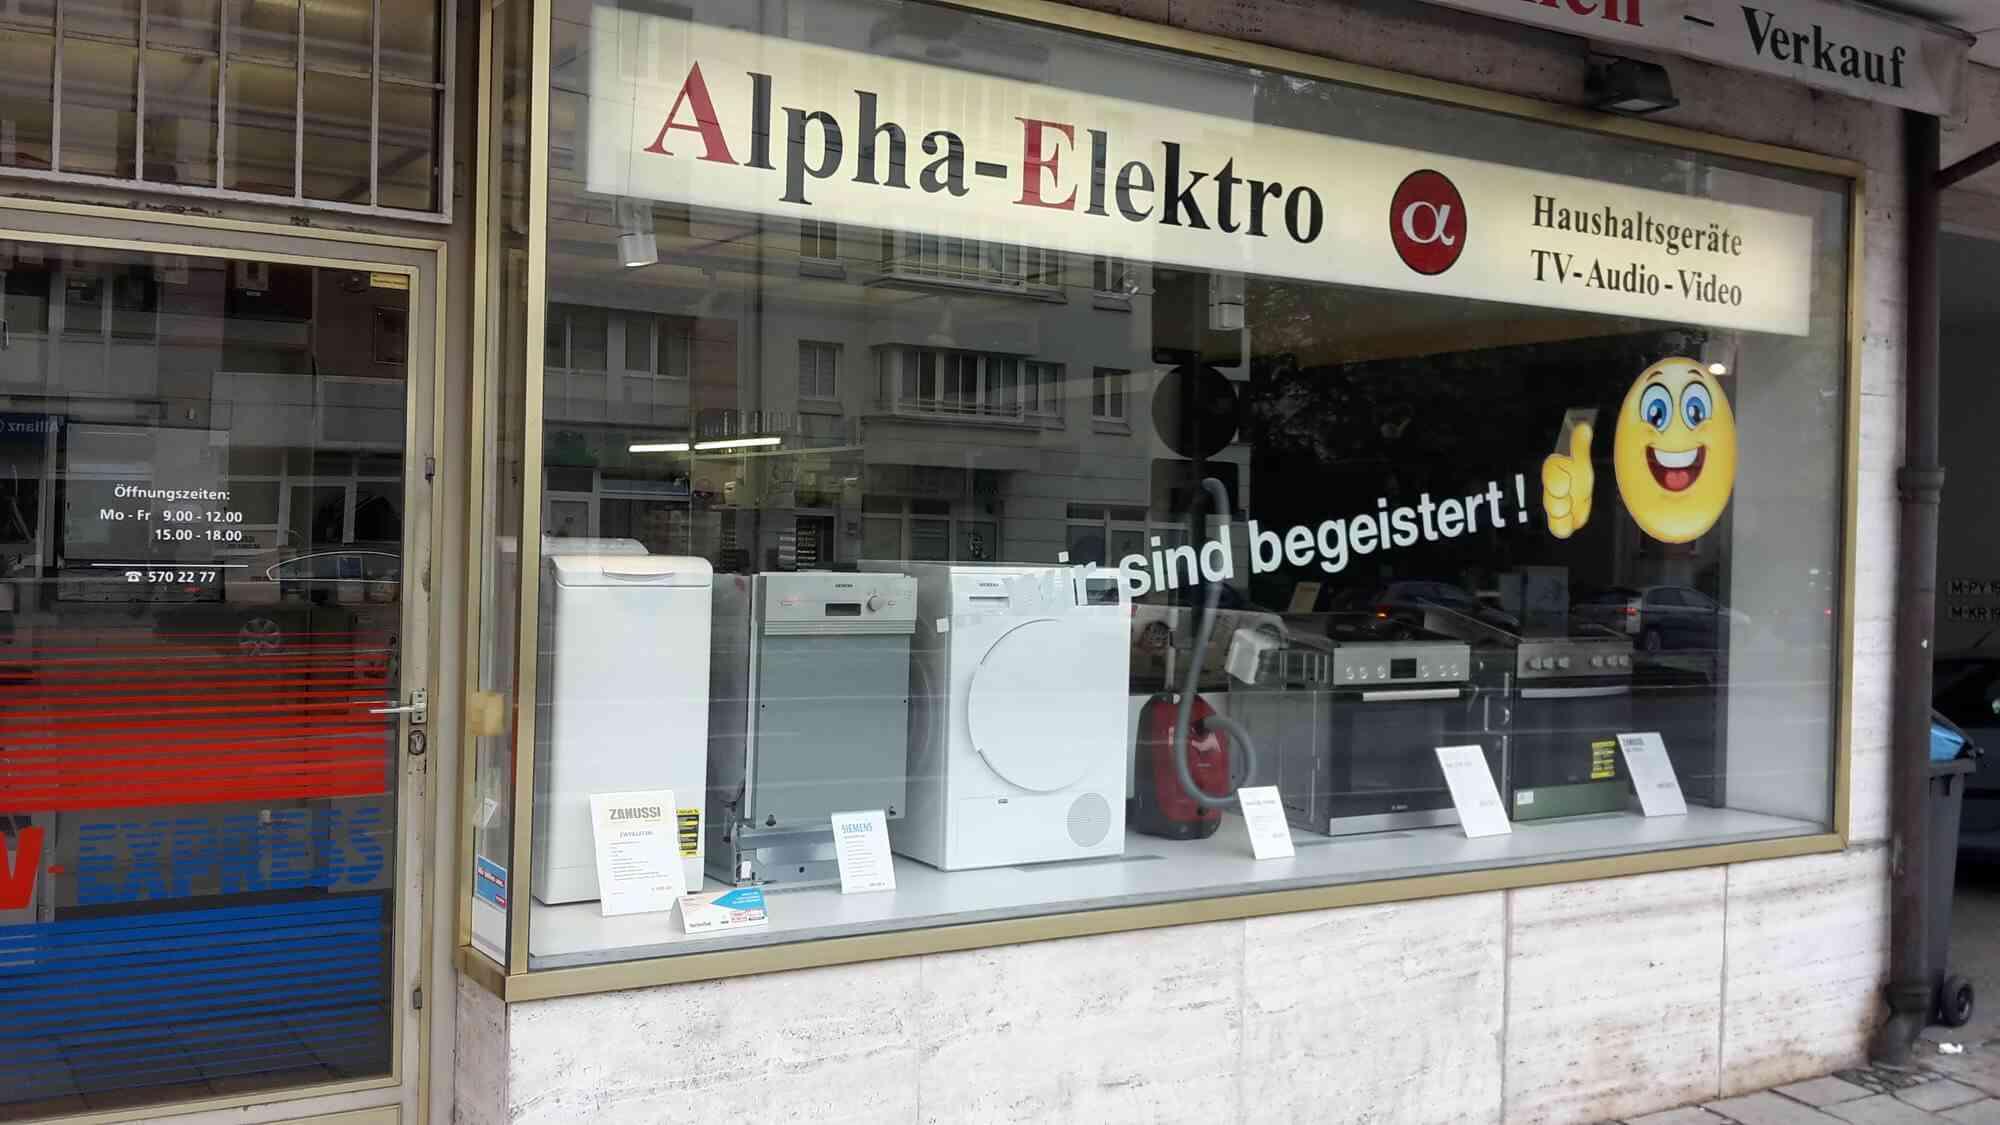 Gorenje Kühlschrank Seriennummer : Hausgeräte kundendienst münchen alpha elektro charris xomplios